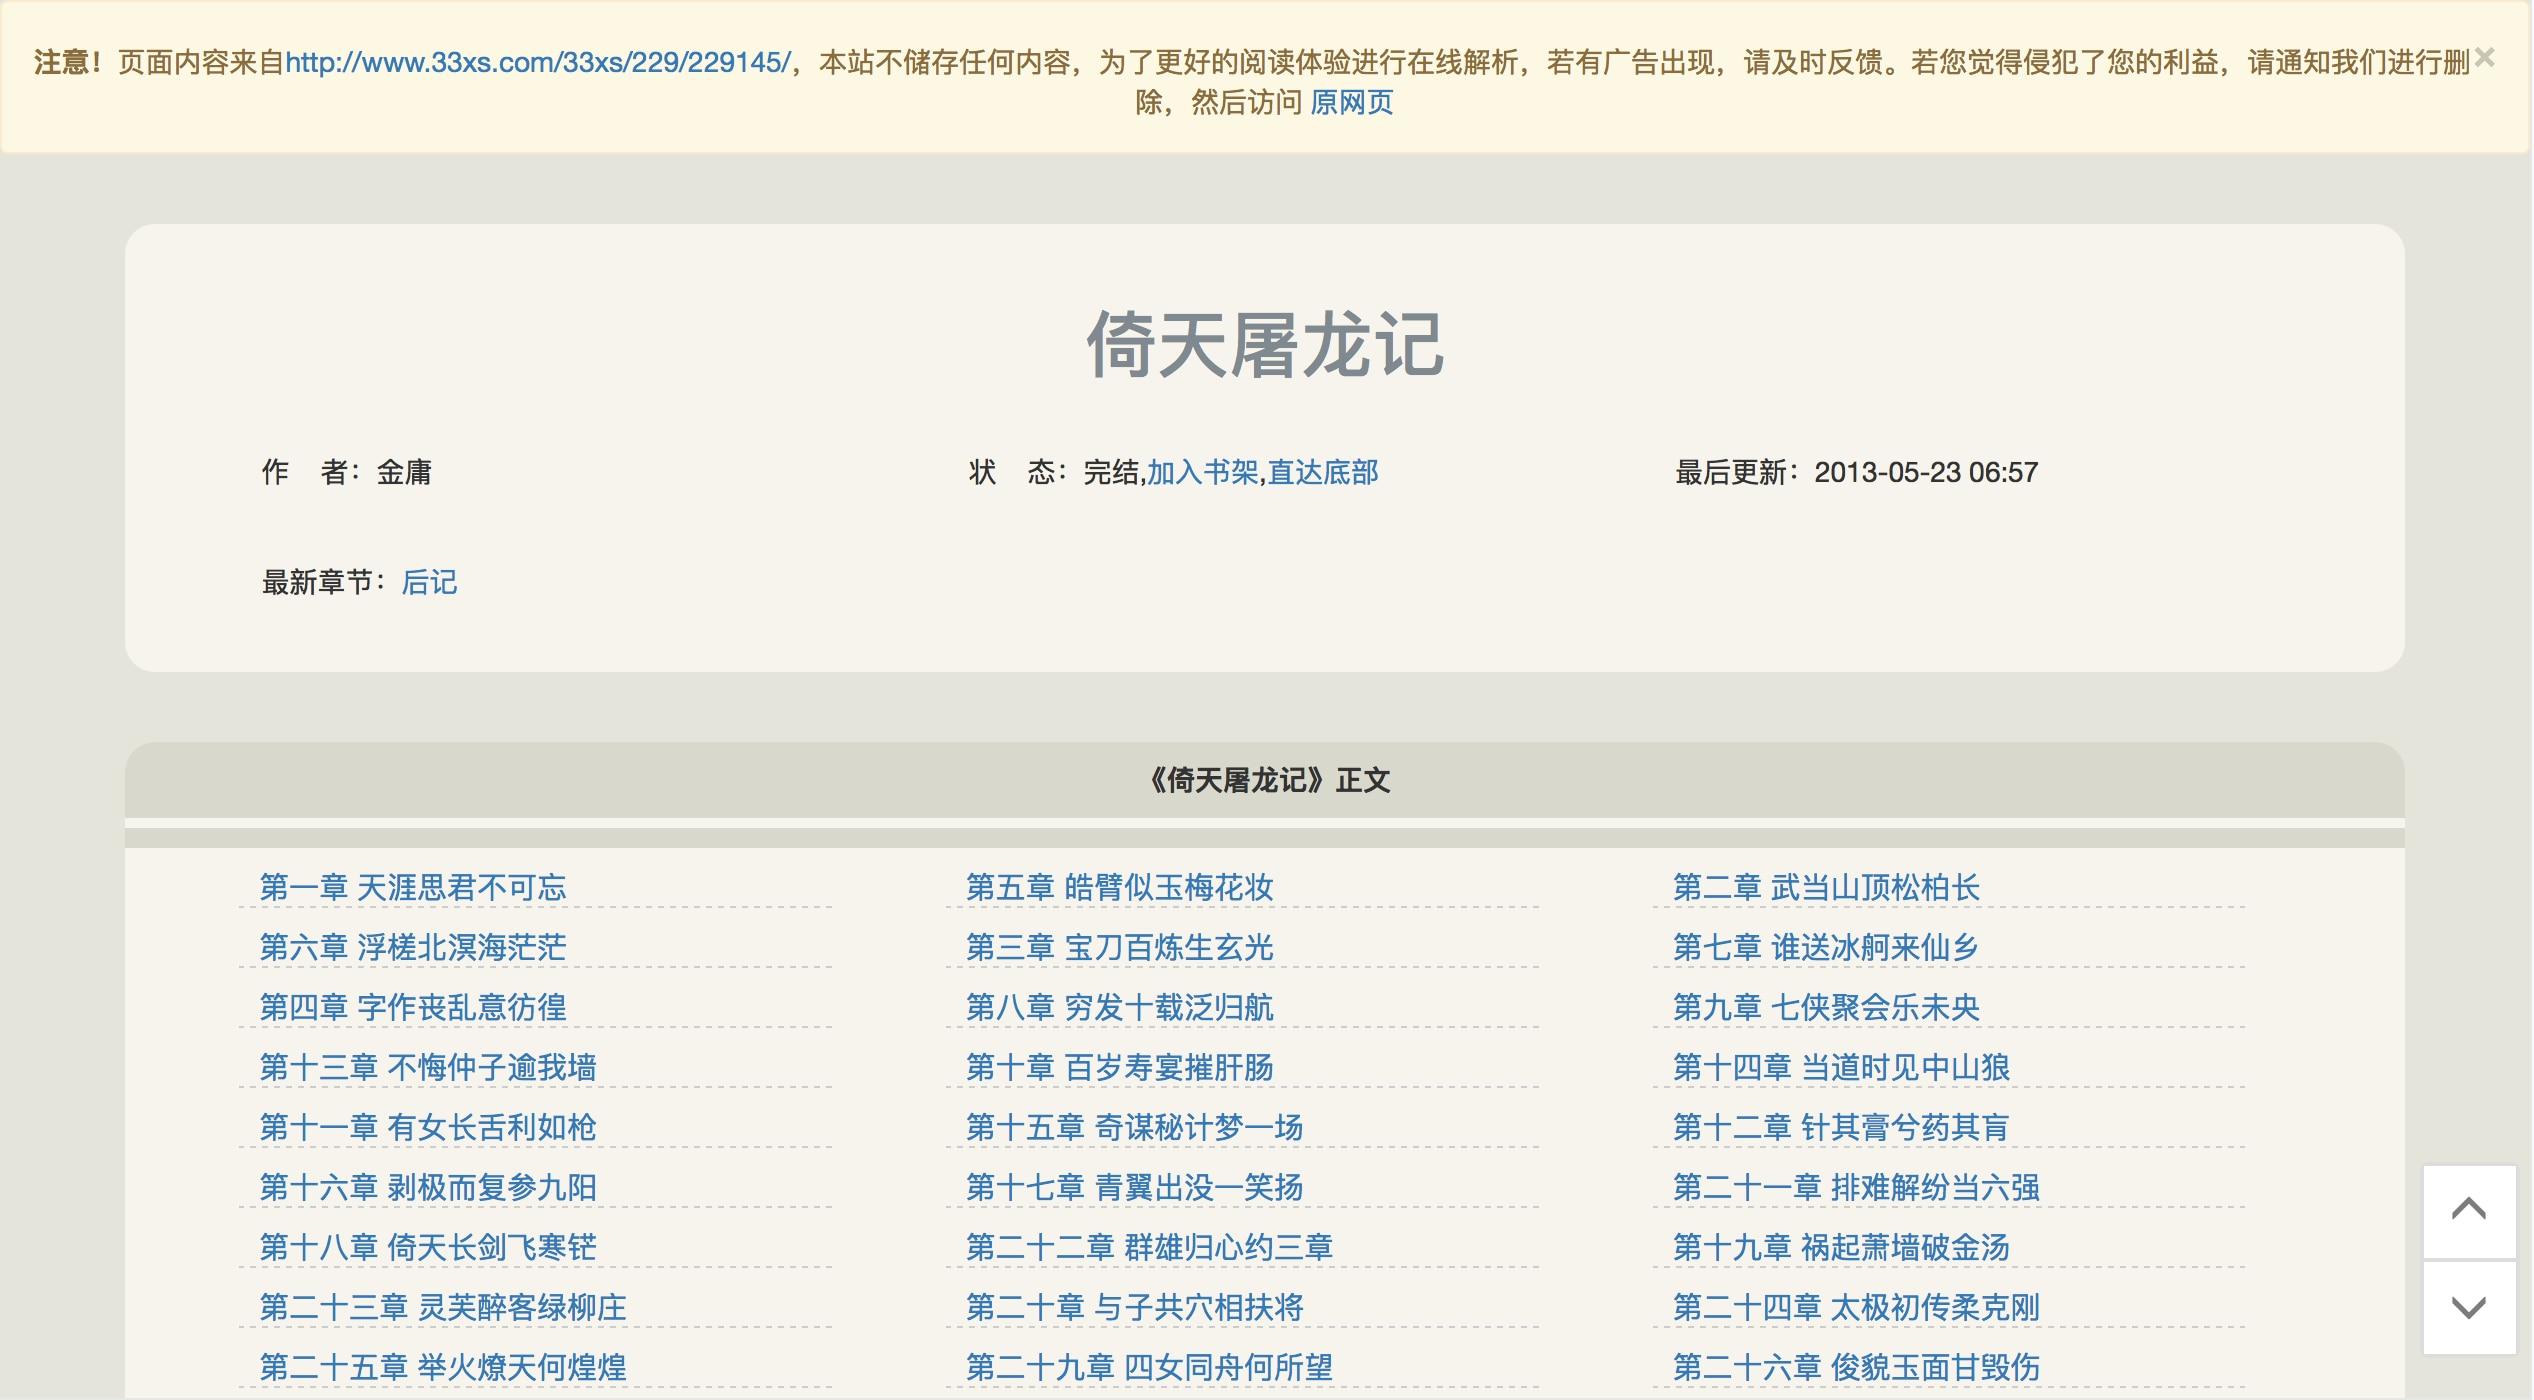 在线网络小说阅读网站&小说搜索引擎&小说推荐系统-高岸姬